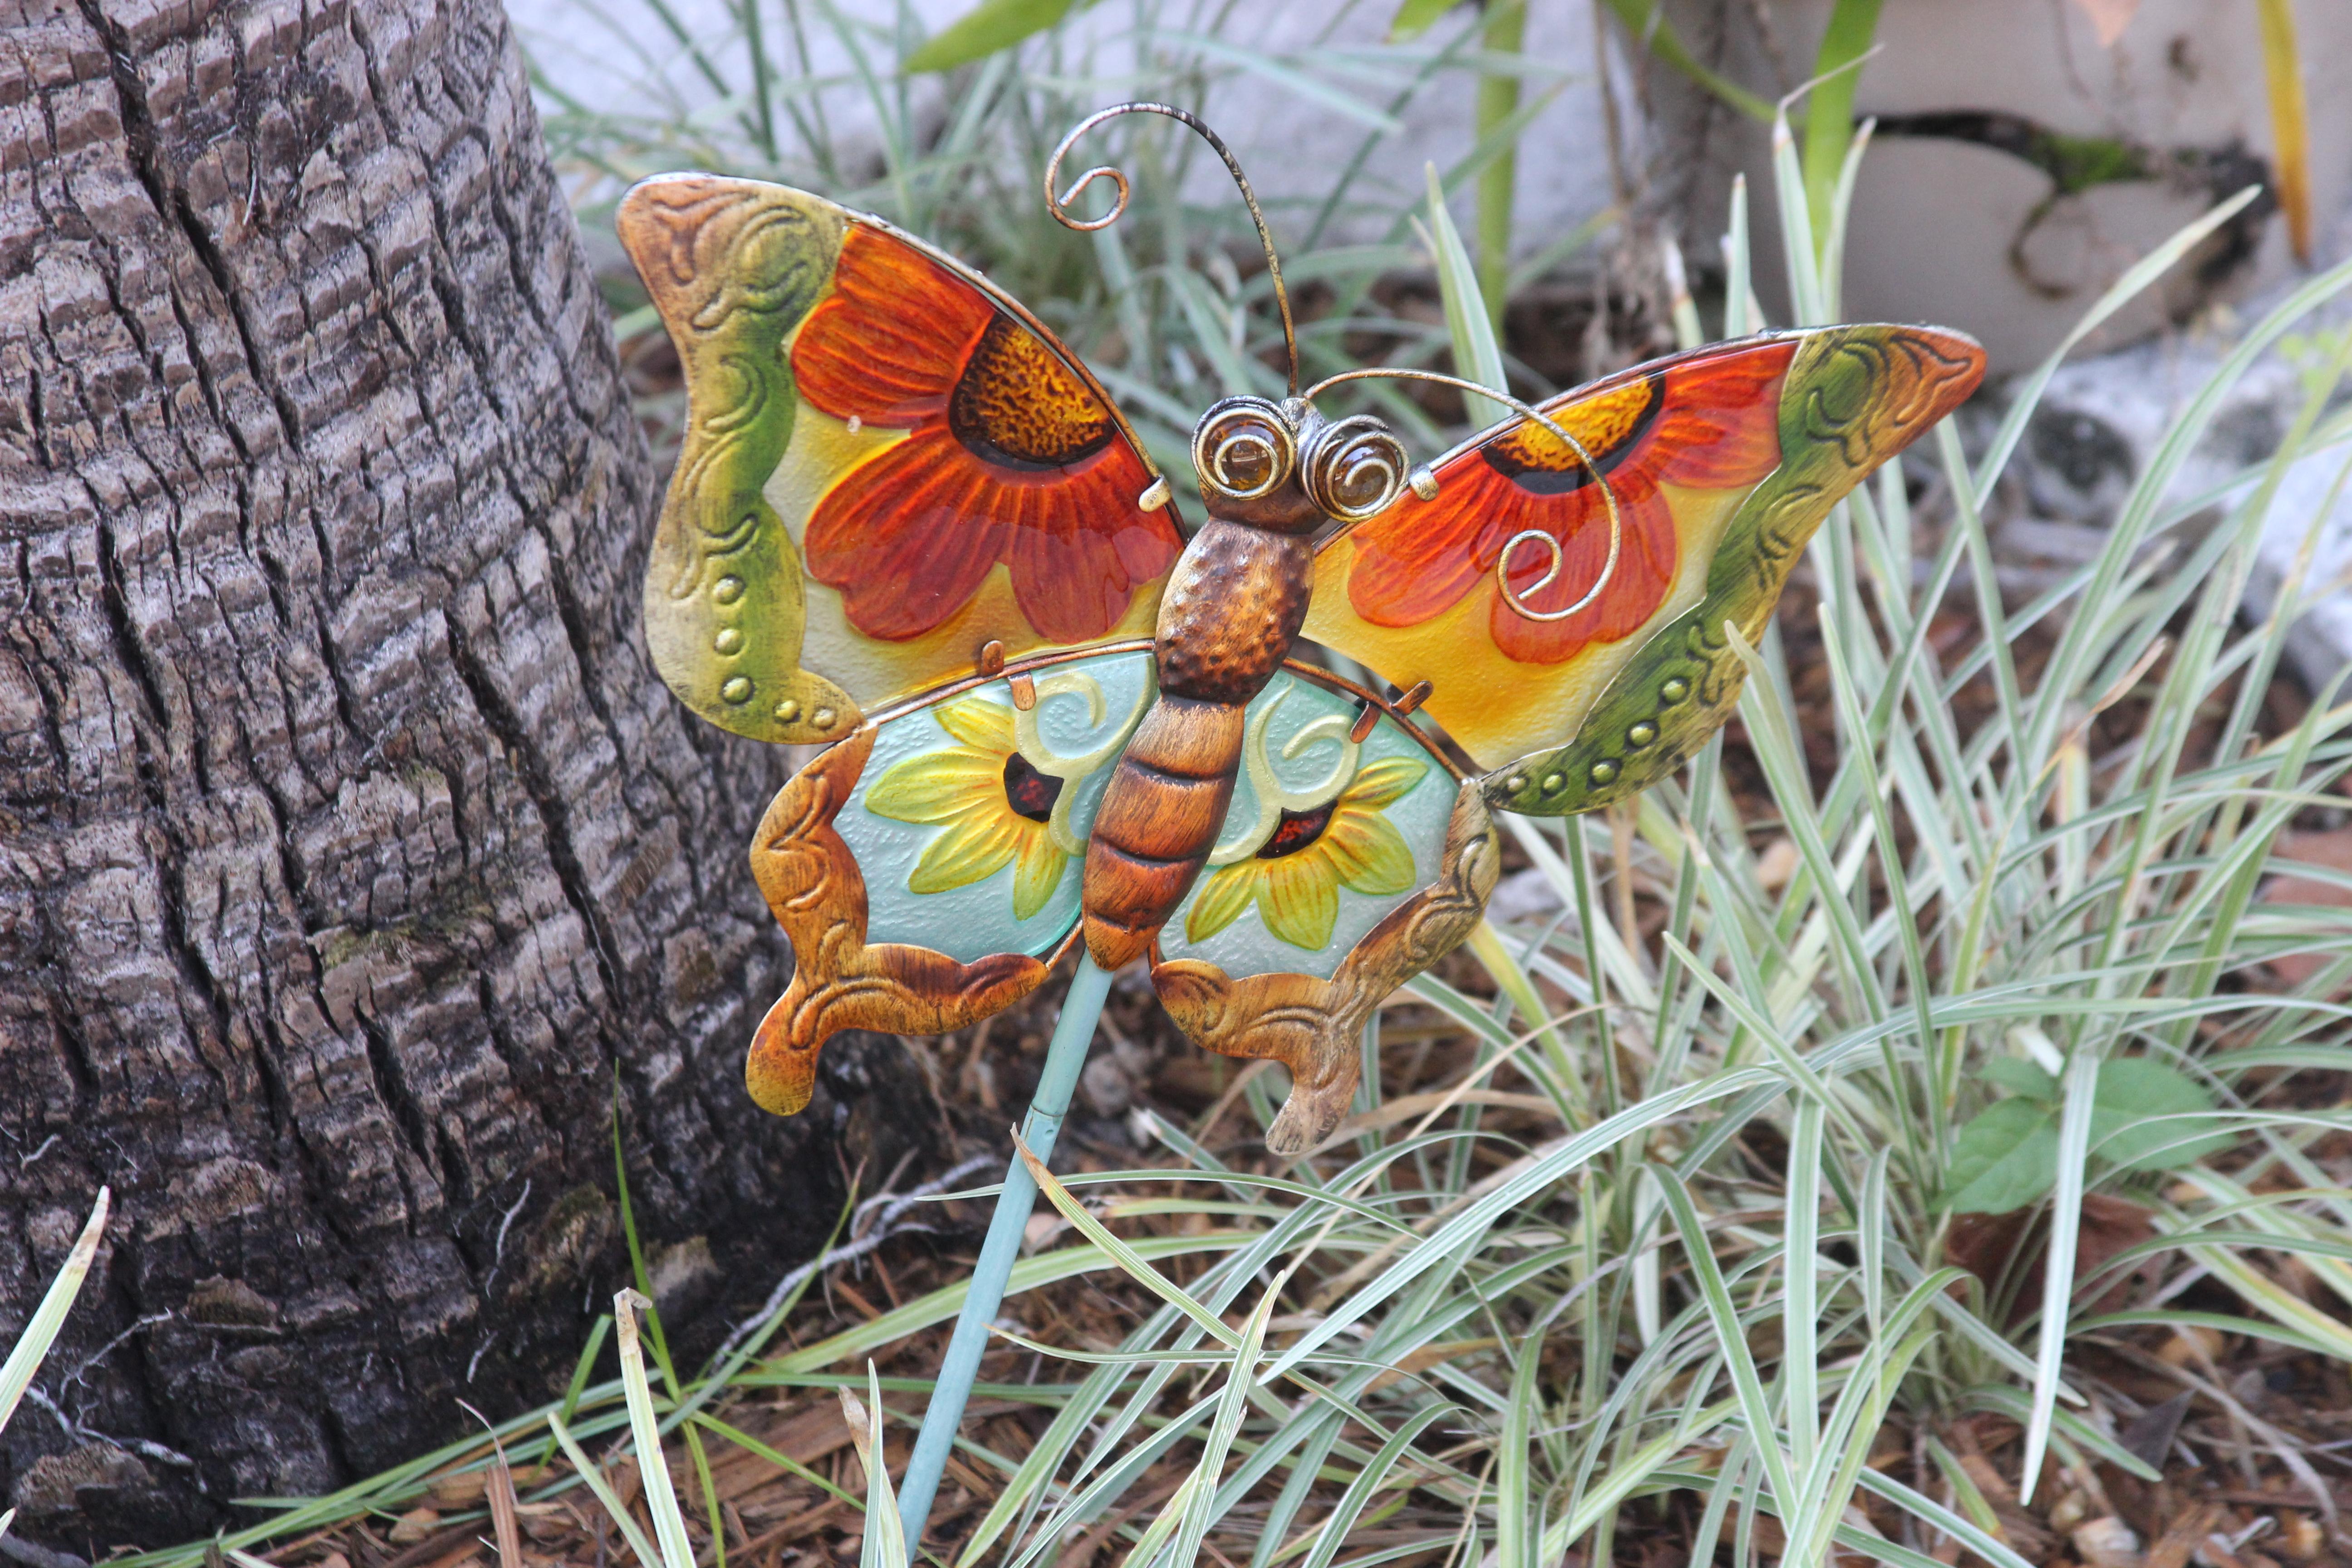 float-like-a-butterfly-sting-like-a-bee_31103403290_o